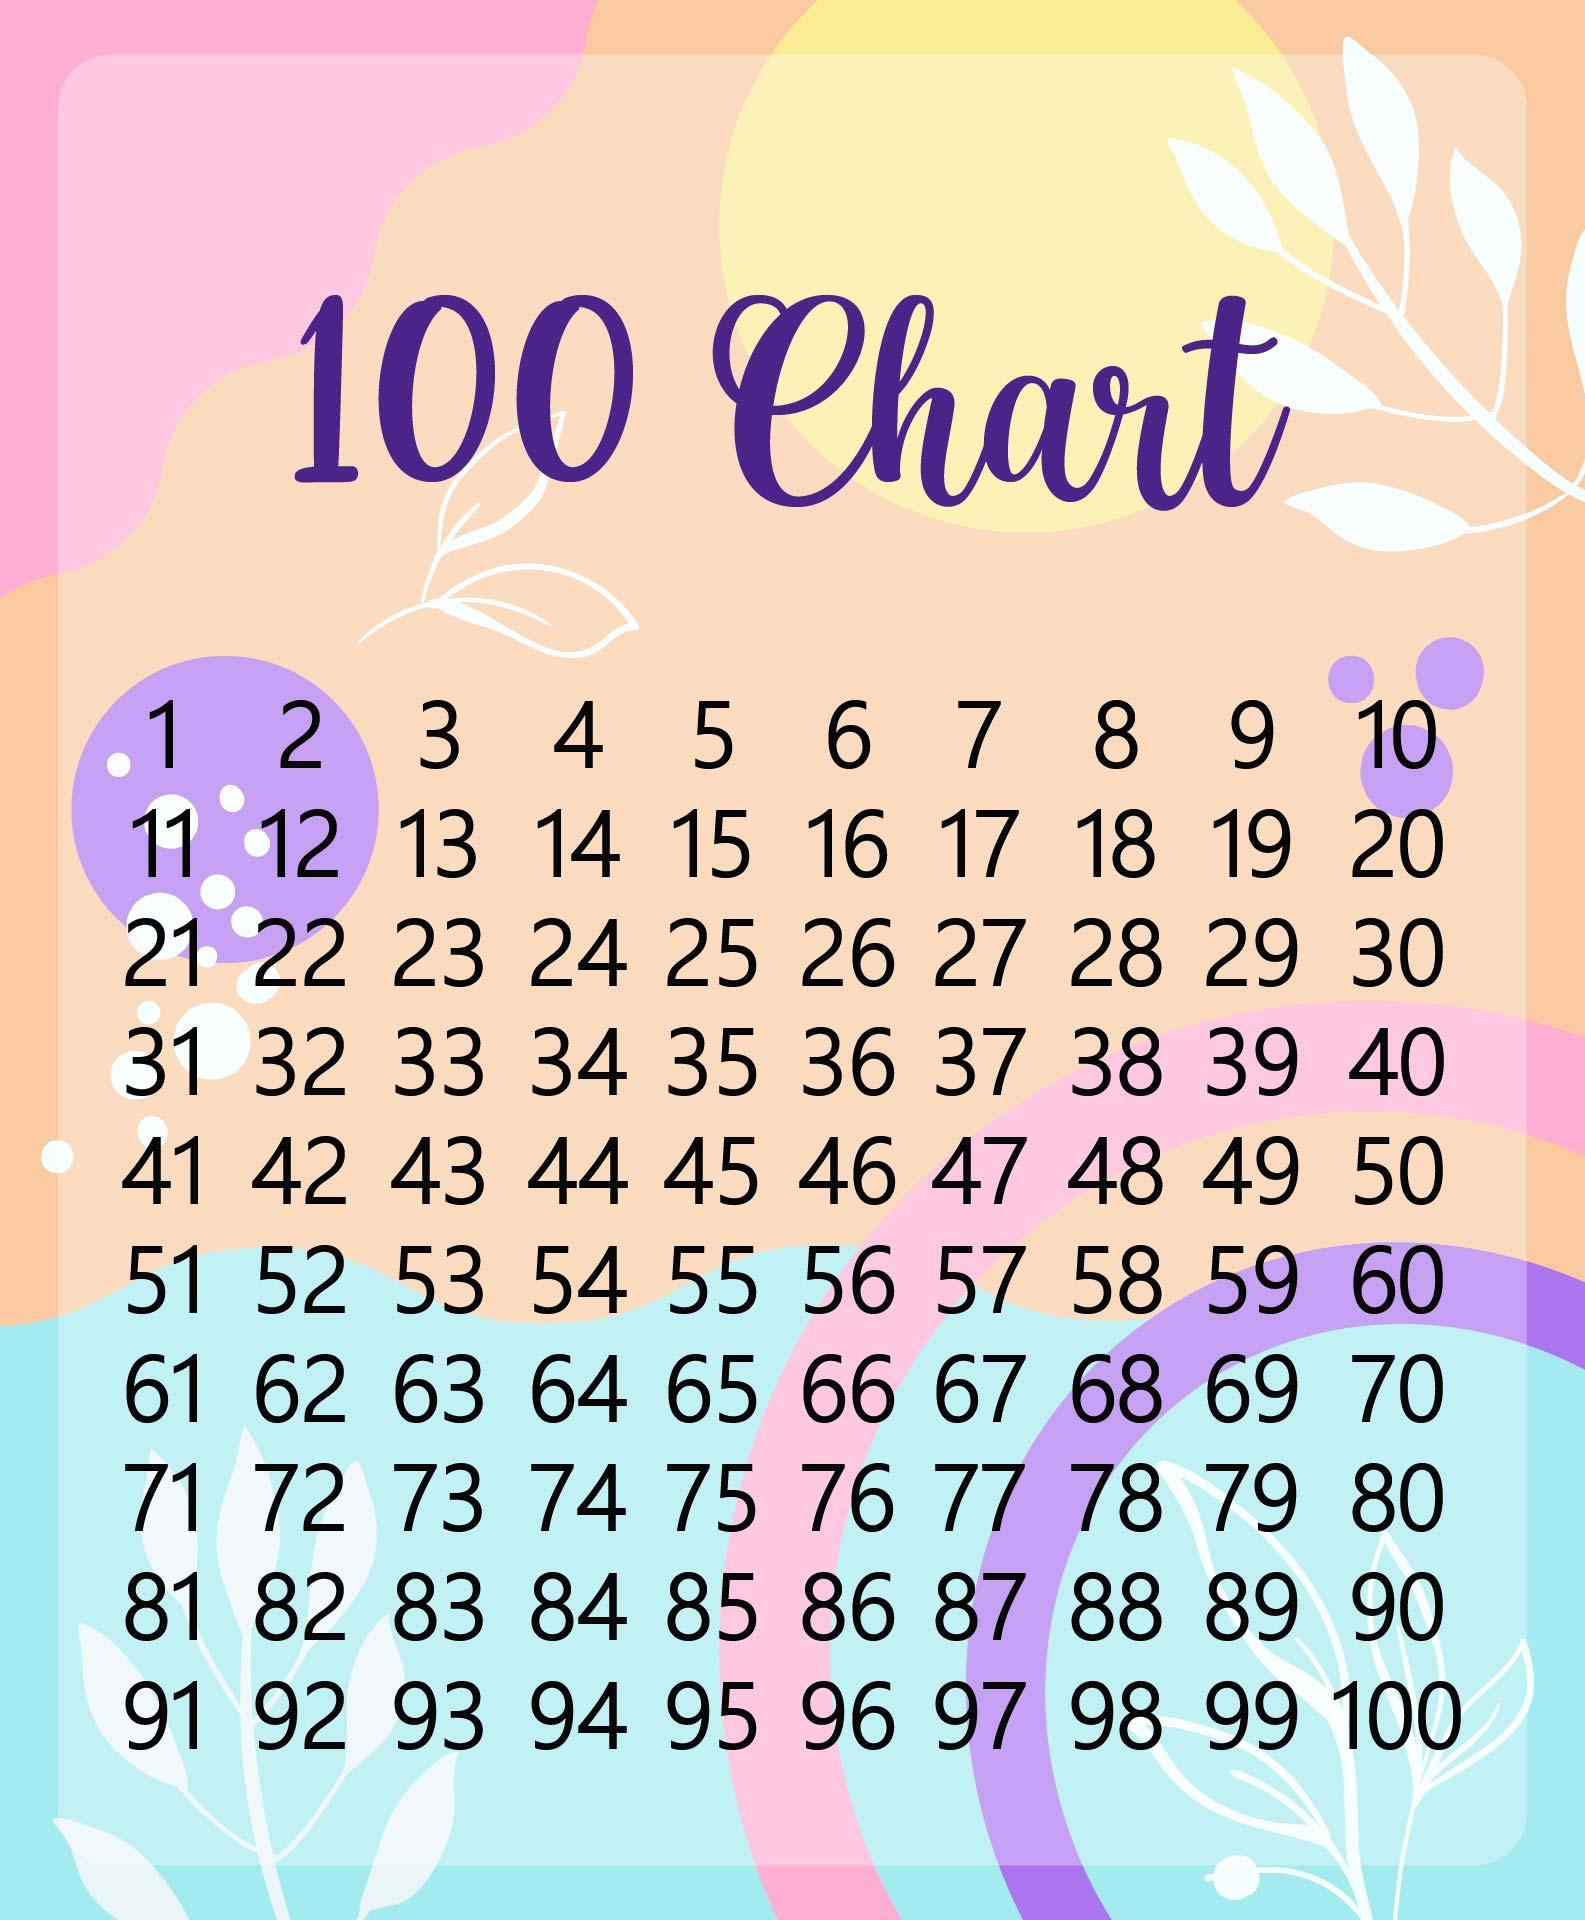 Number Names Worksheets free printable number chart 1-100 : 5 Best Images of Free Printable 1 100 Chart - Printable Number ...